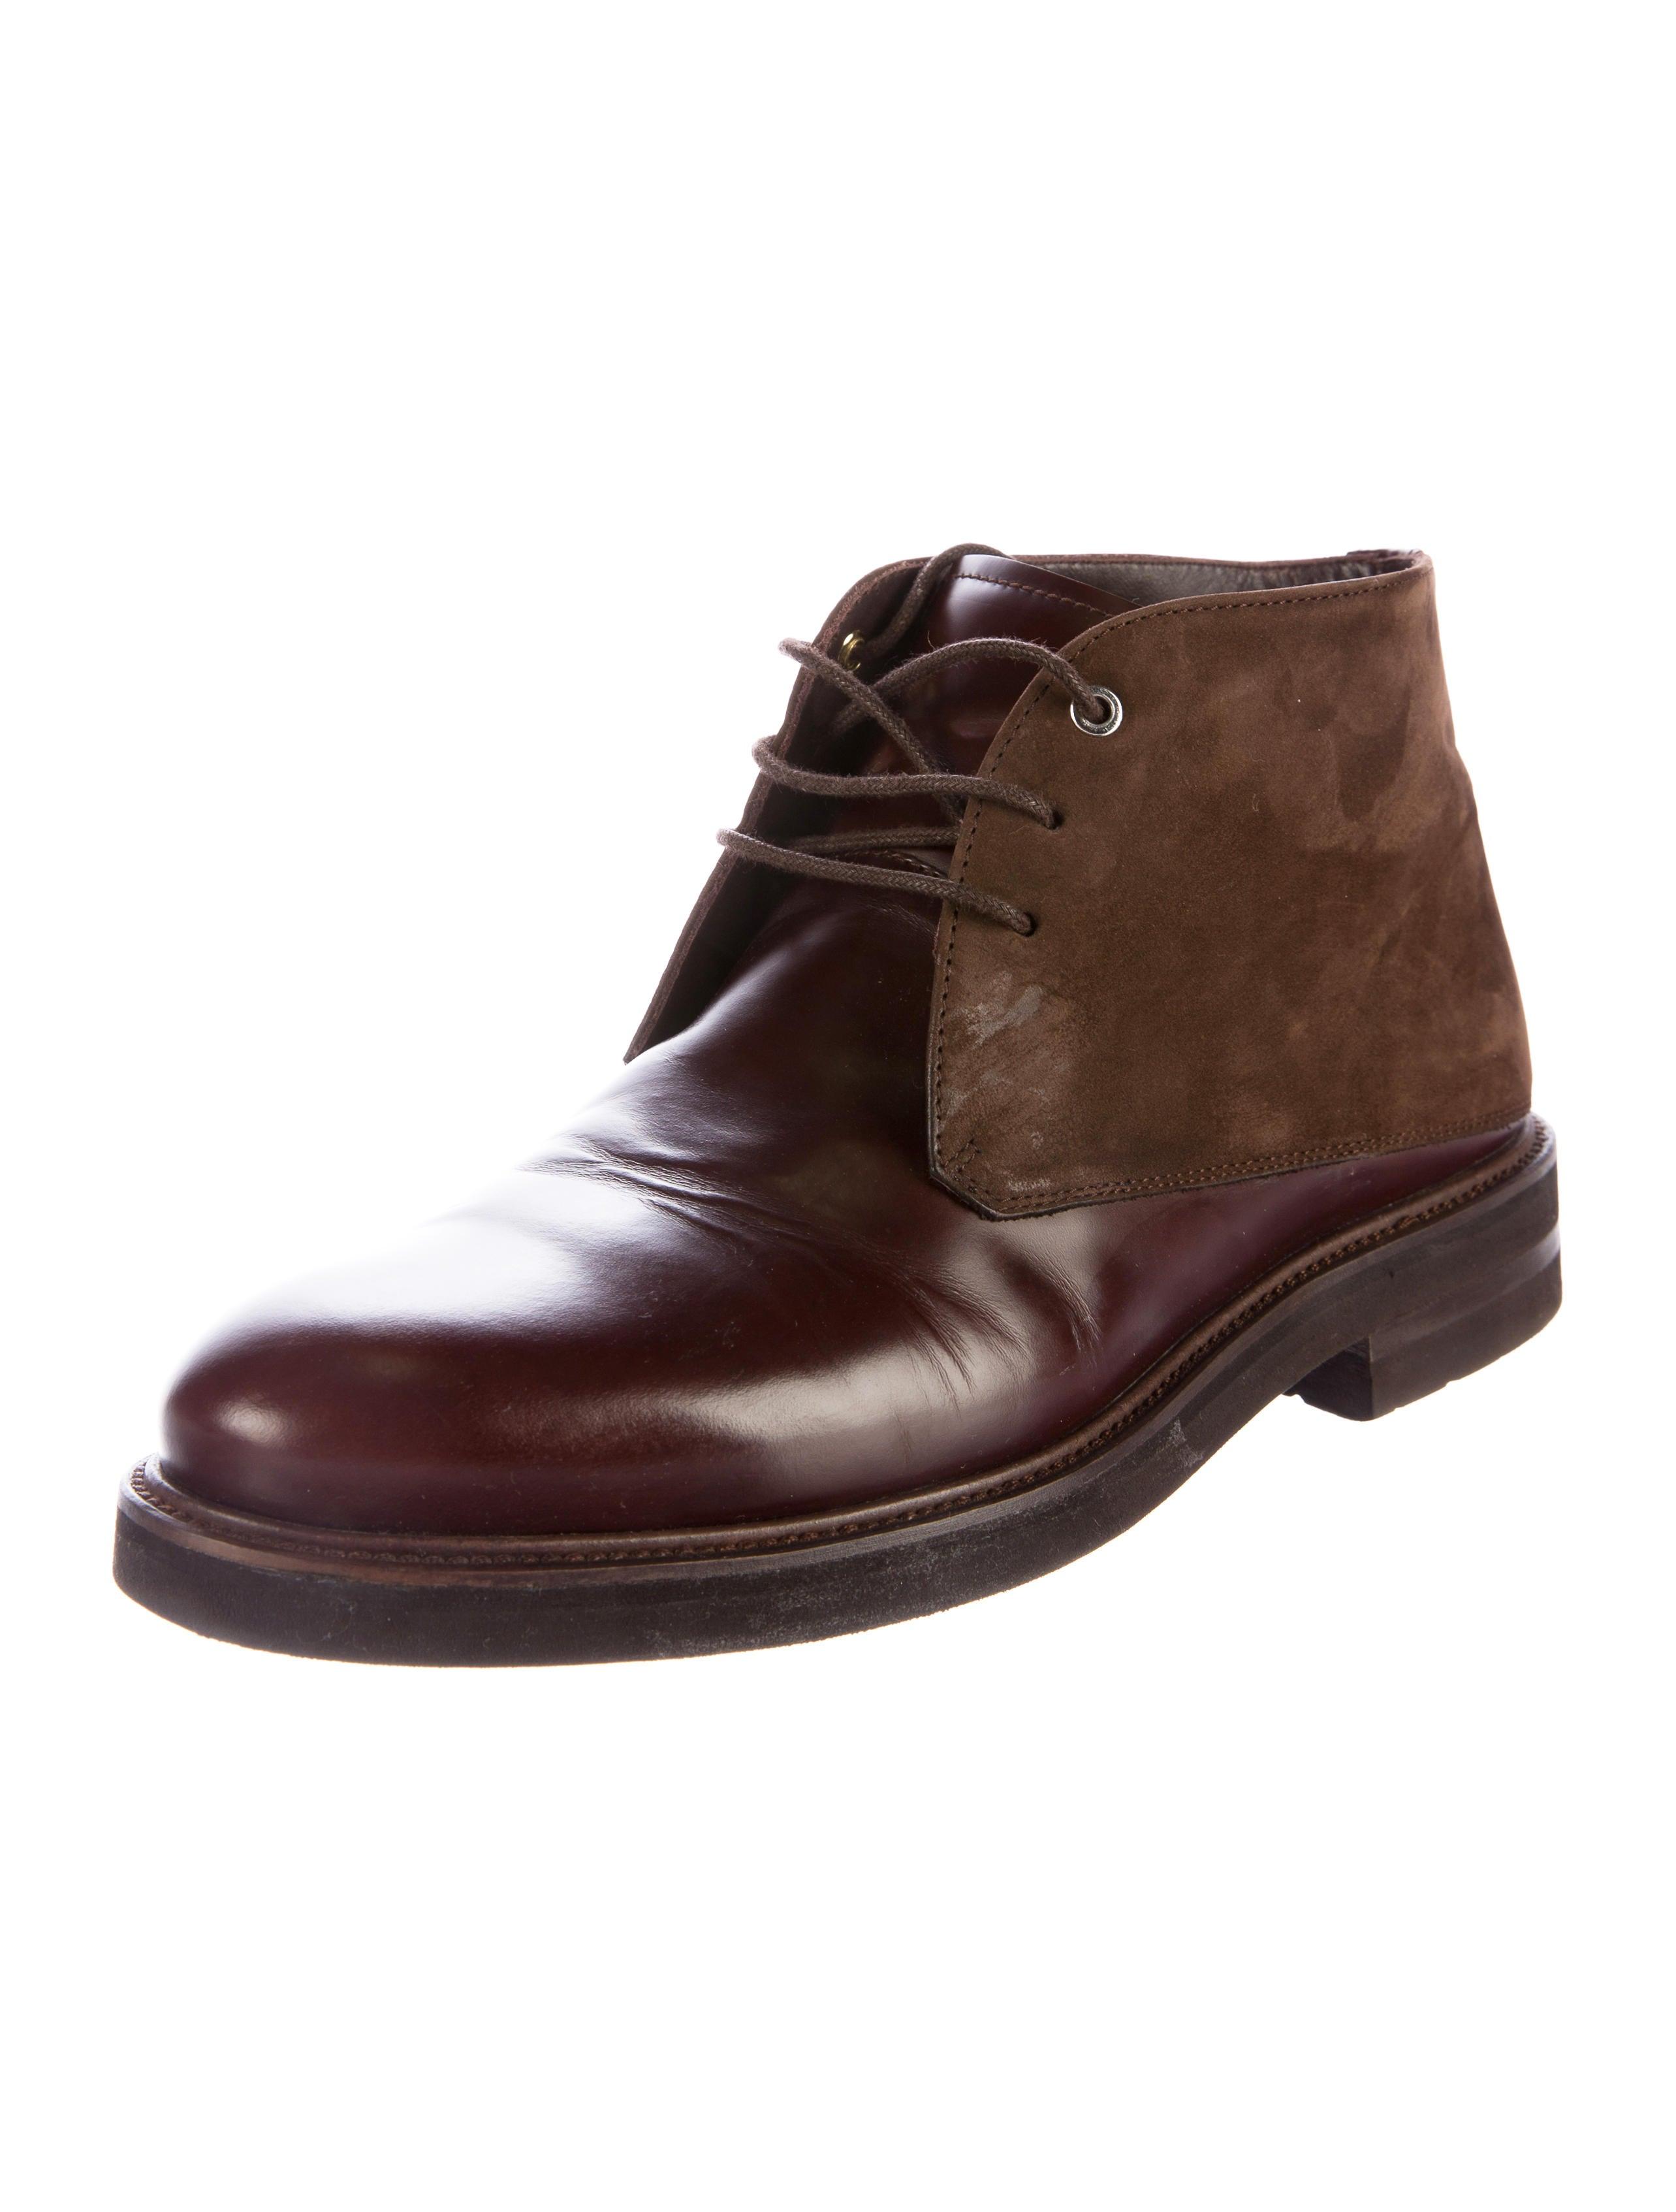 want les essentiels de la vie leather suede ankle boots